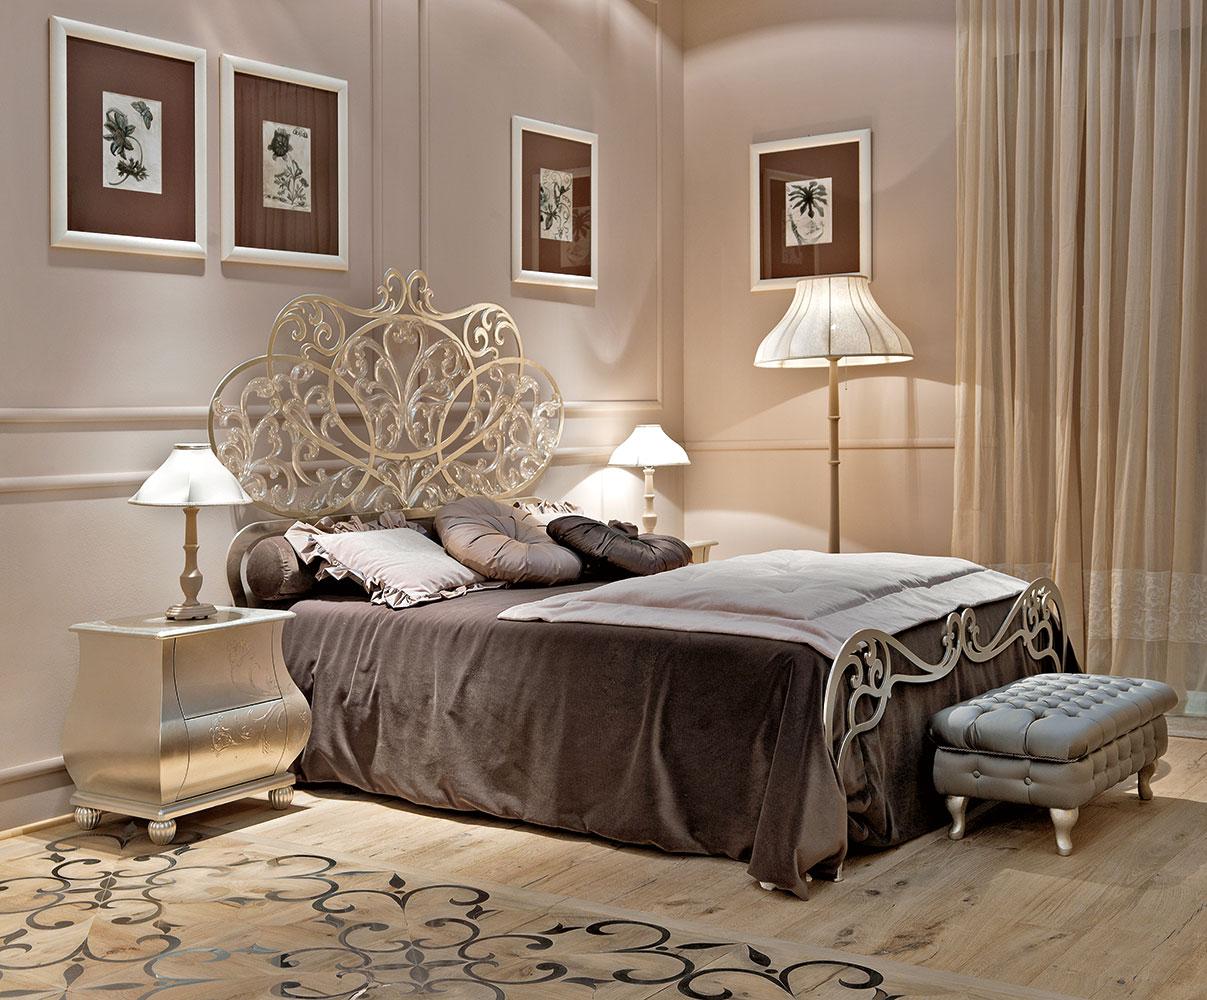 10 Quartos de luxo com cama de ferro  Decorao e Ideias